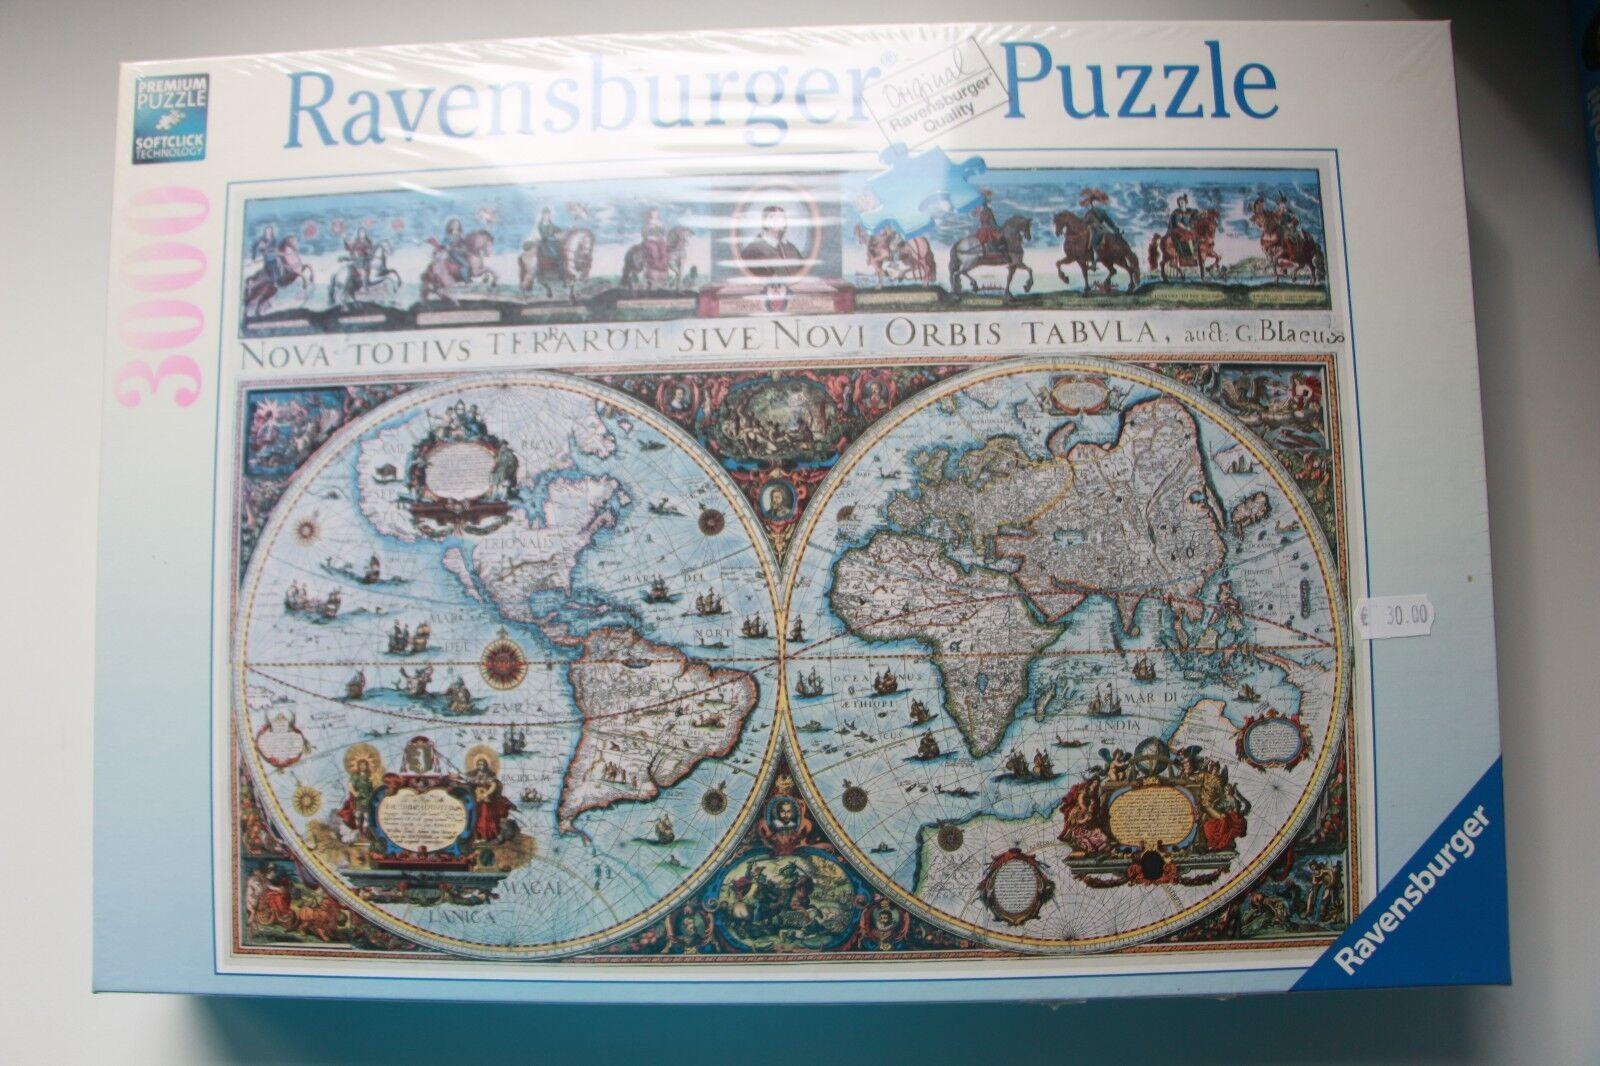 Ravensburger Puzzle 170548 voiturete  du monde 1665 Neuf    Année 1994 in (environ 5064.76 cm) boîte scellée  80% de réduction